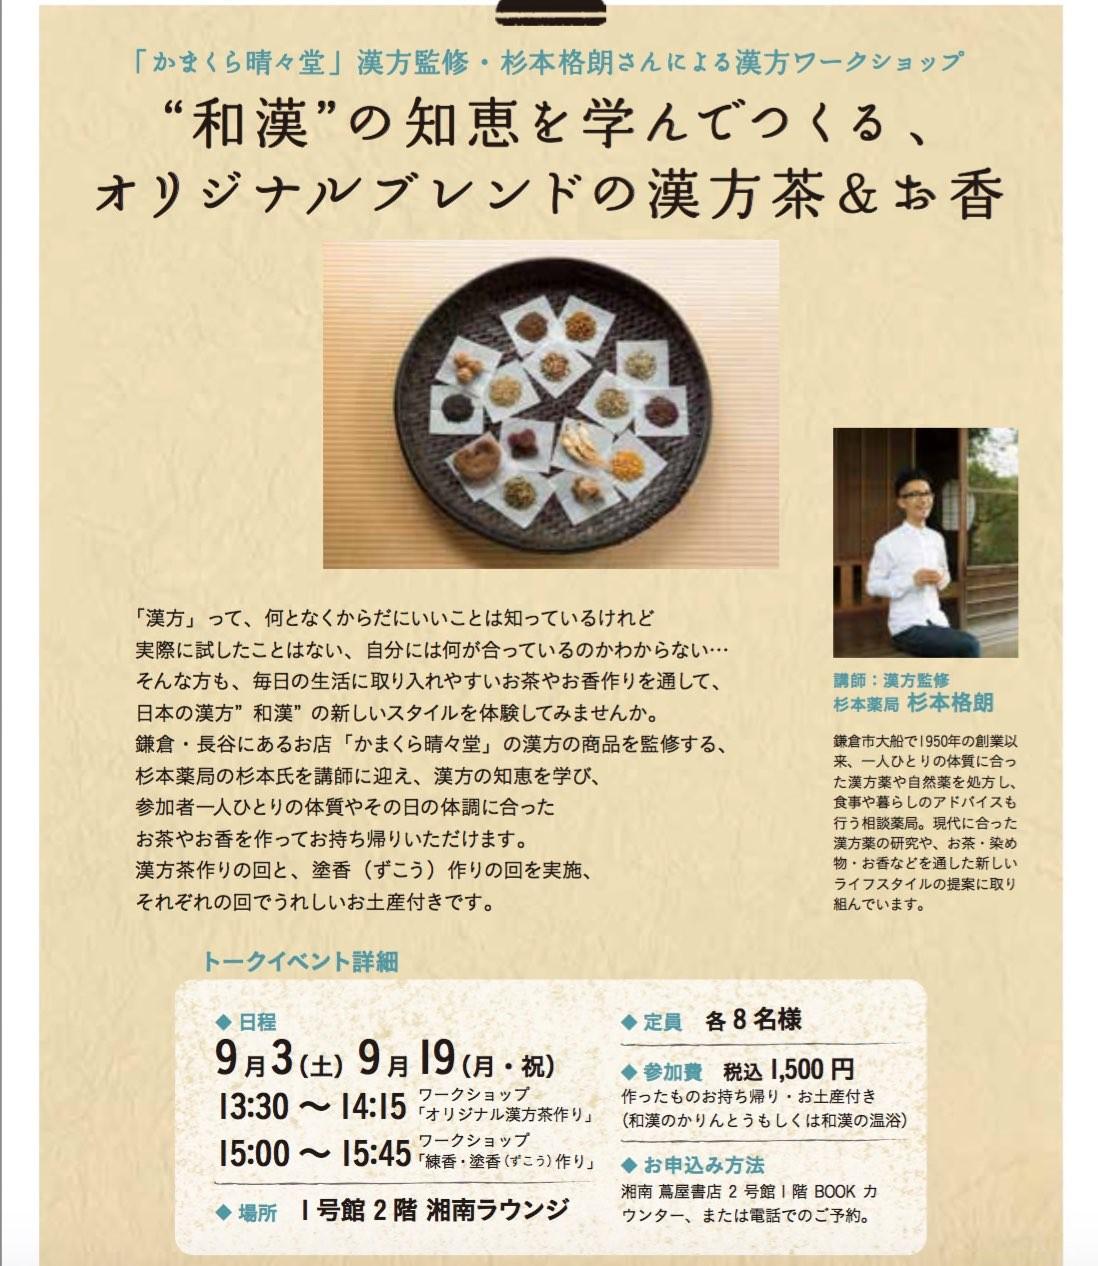 <お知らせ>湘南 蔦屋書店「和漢フェア」ワークショップ開催のお知らせ